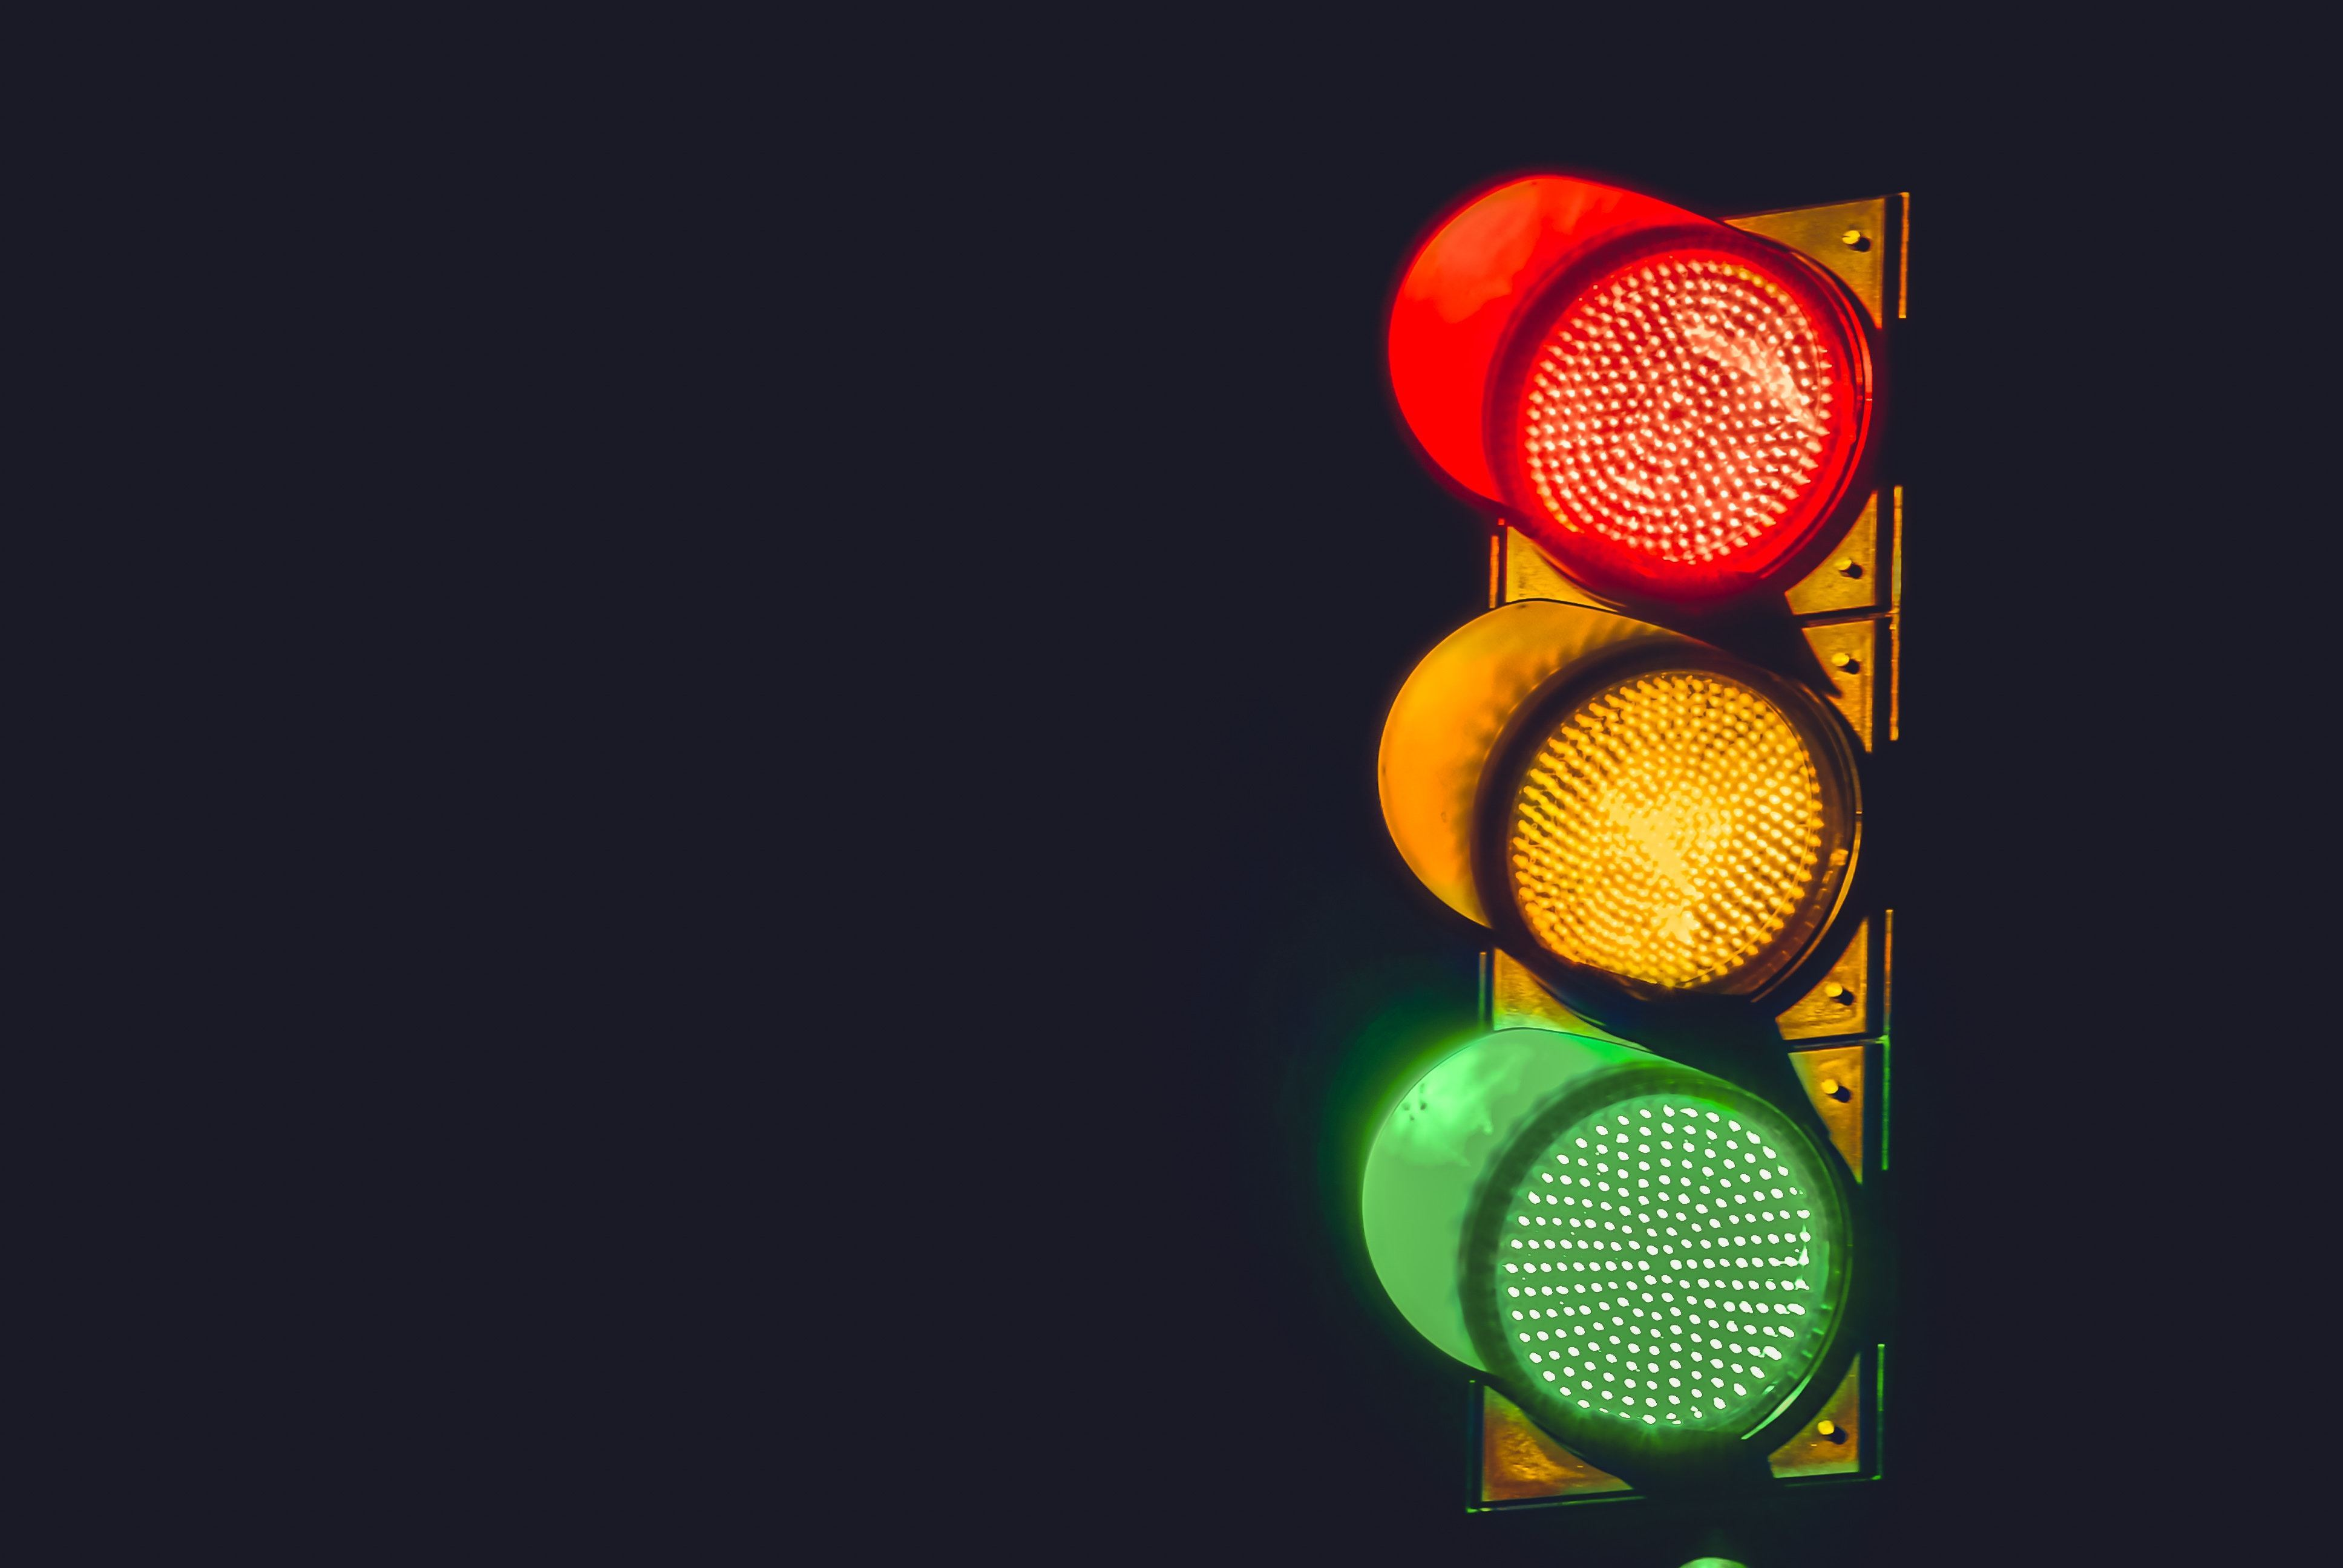 cual-es-la-diferencia-entre-semaforo-rojo-y-naranja